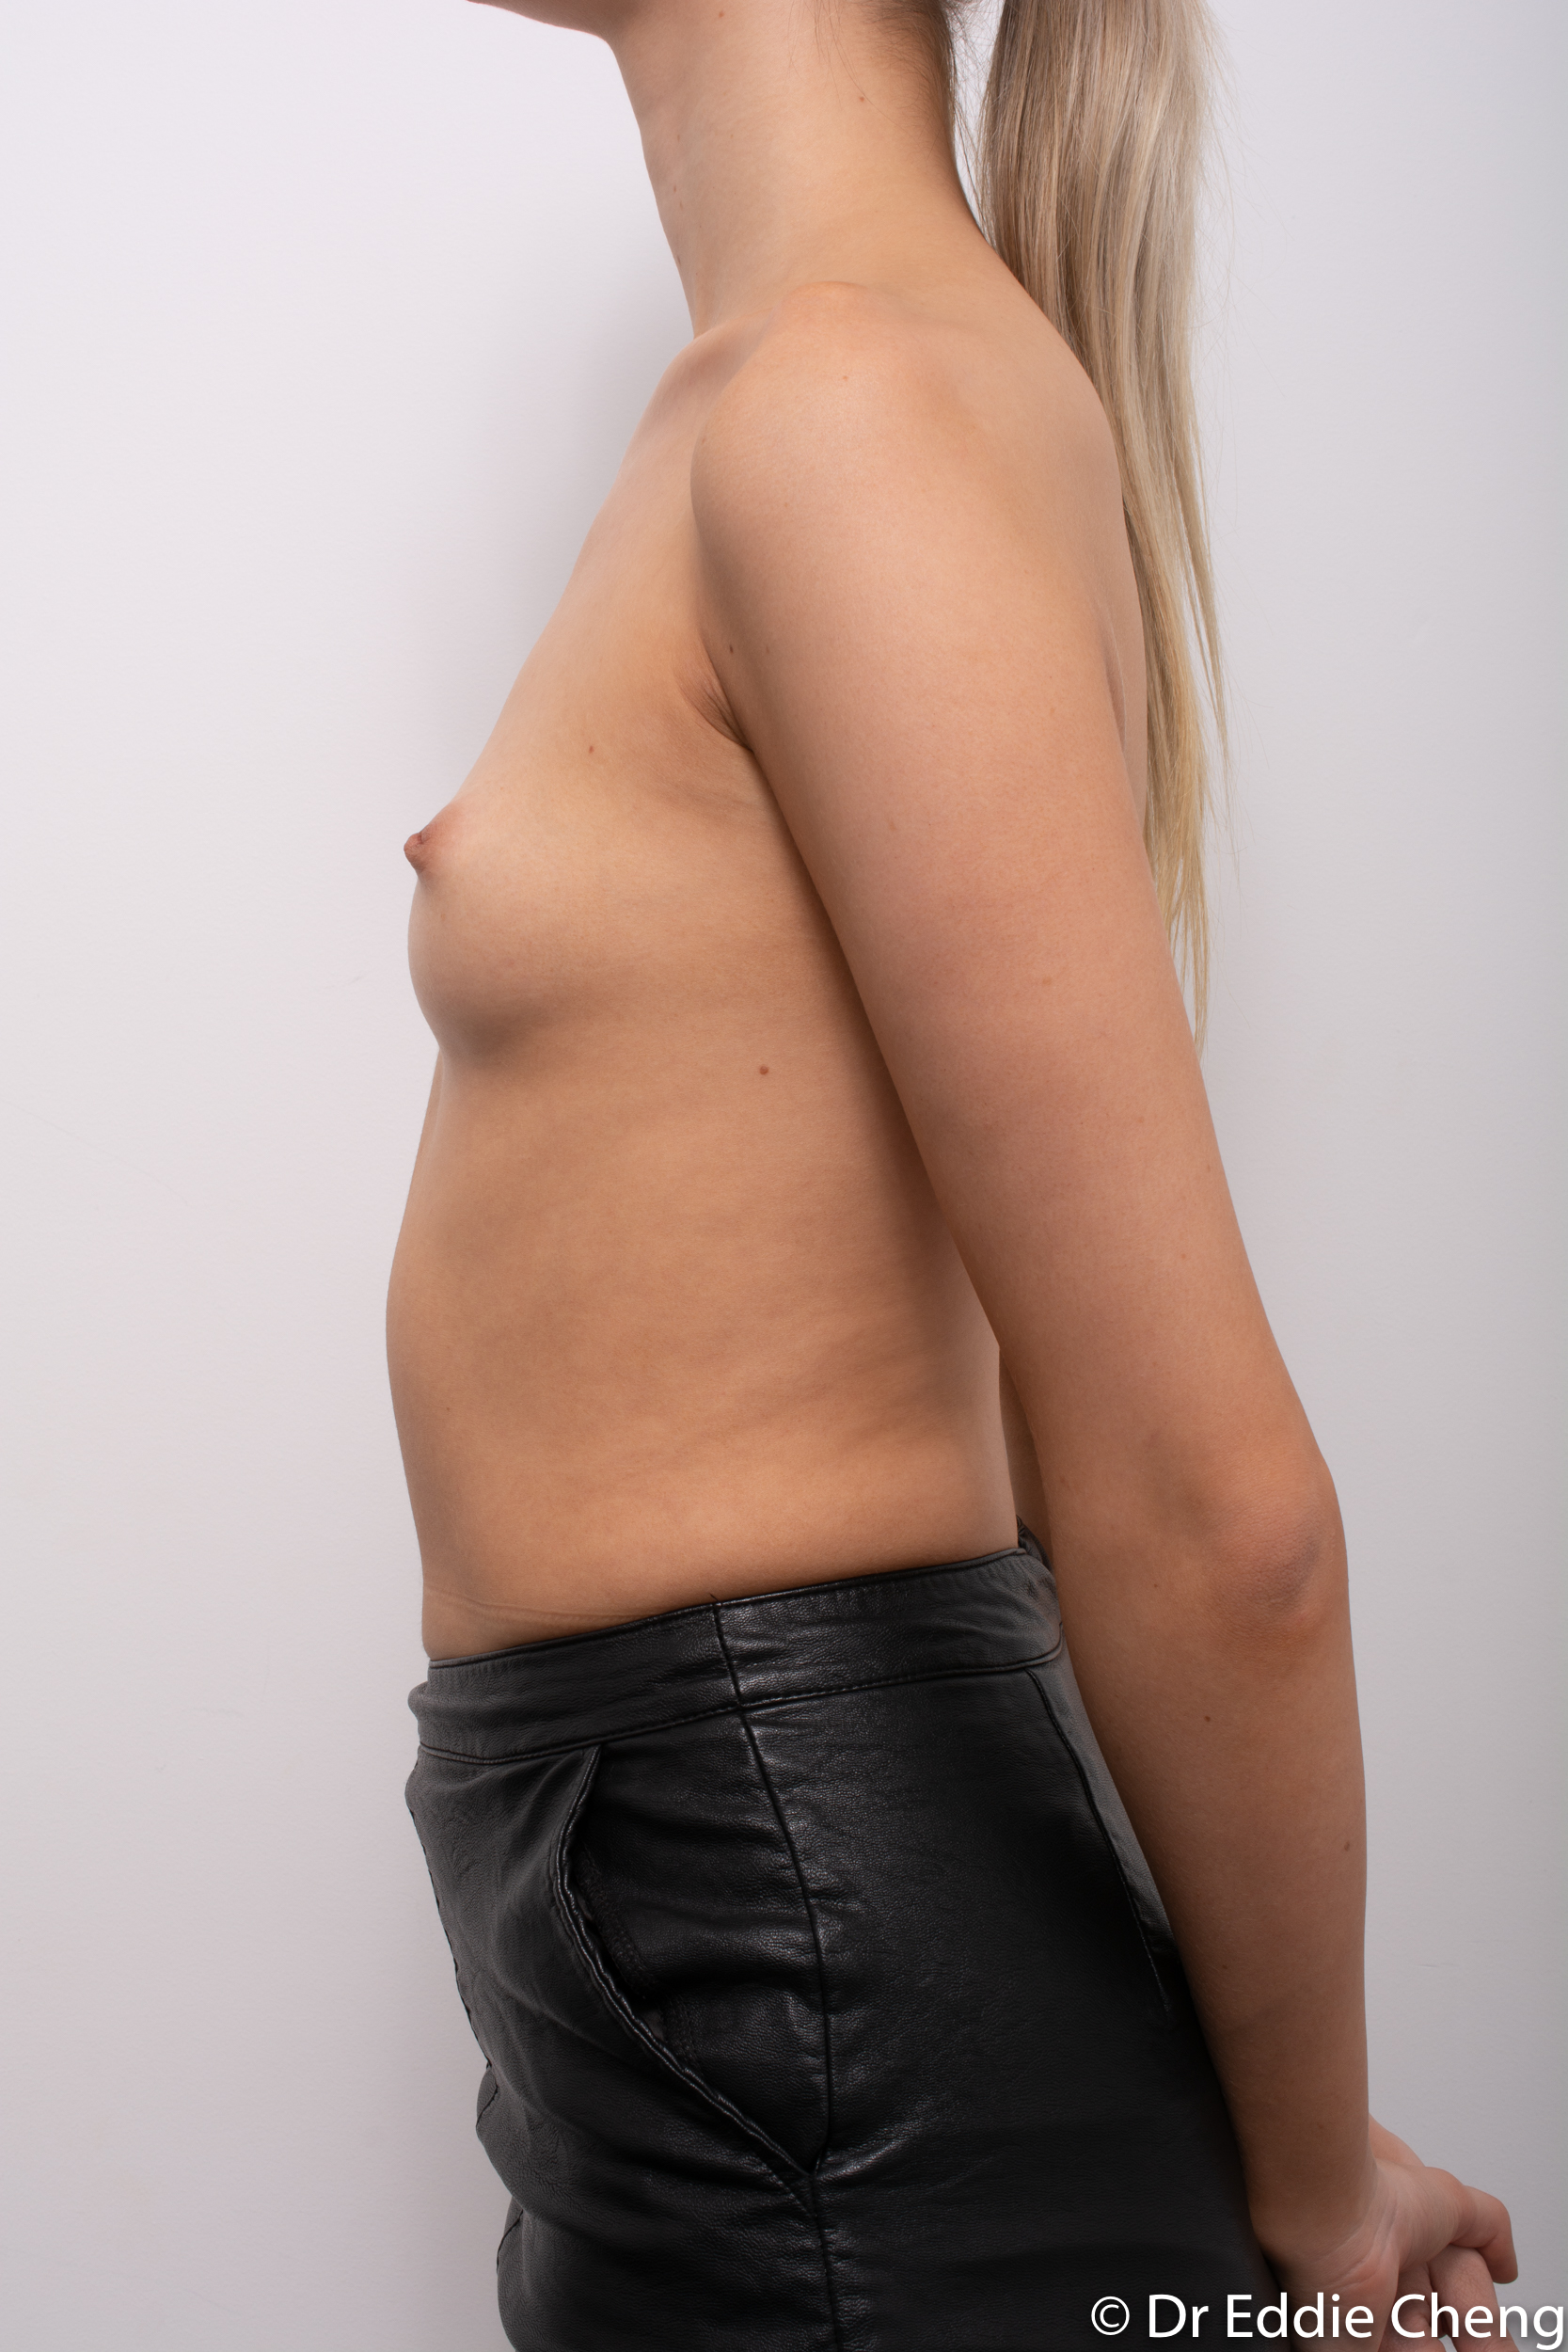 breast augmentation dr eddie cheng brisbane-5